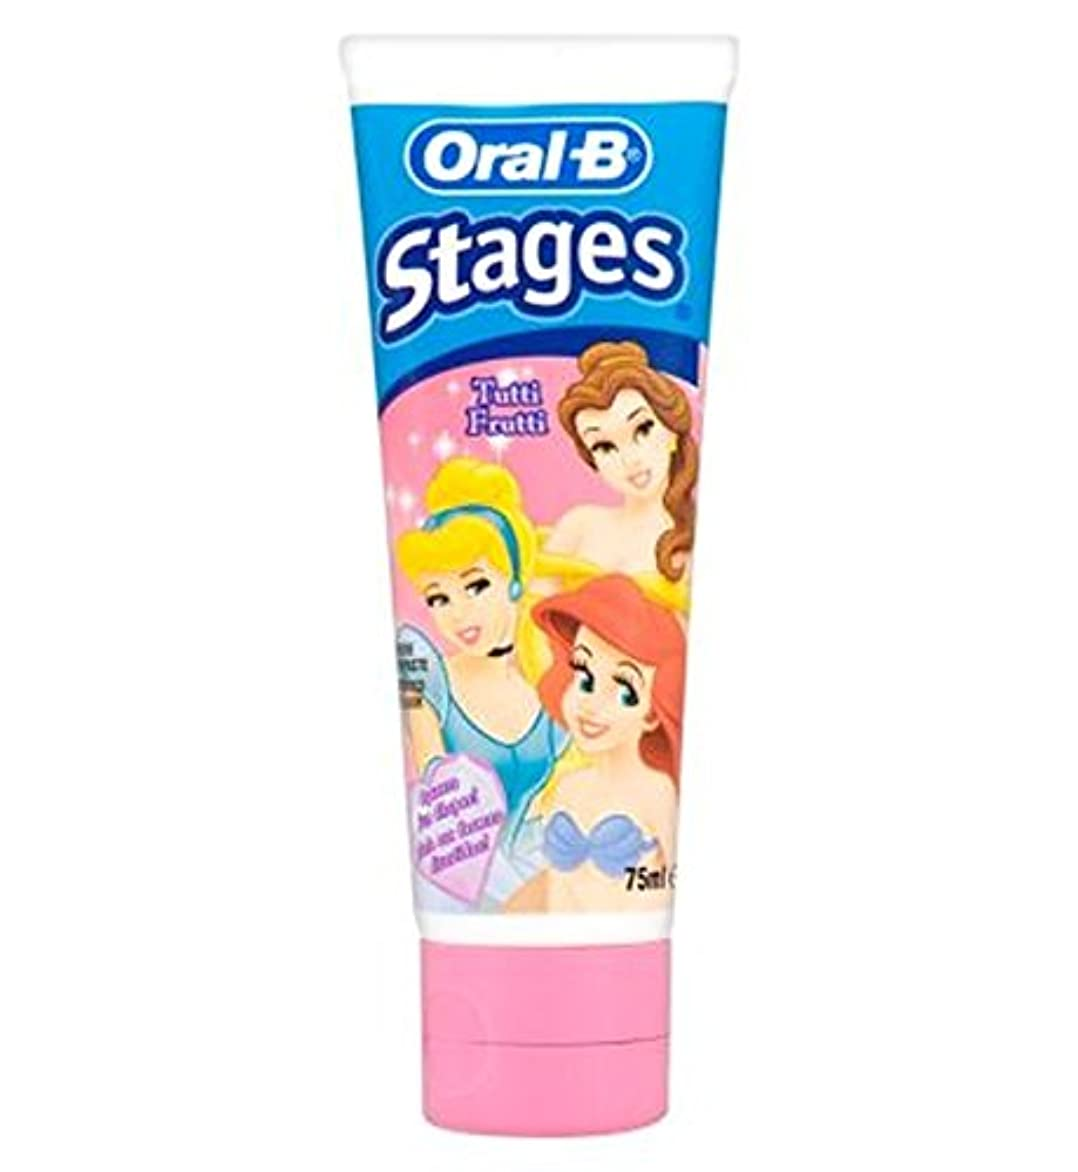 体操診断するタイトルOral-B Stages Toothpaste 75ml - オーラルBは、歯磨き粉の75ミリリットルをステージ (Oral B) [並行輸入品]